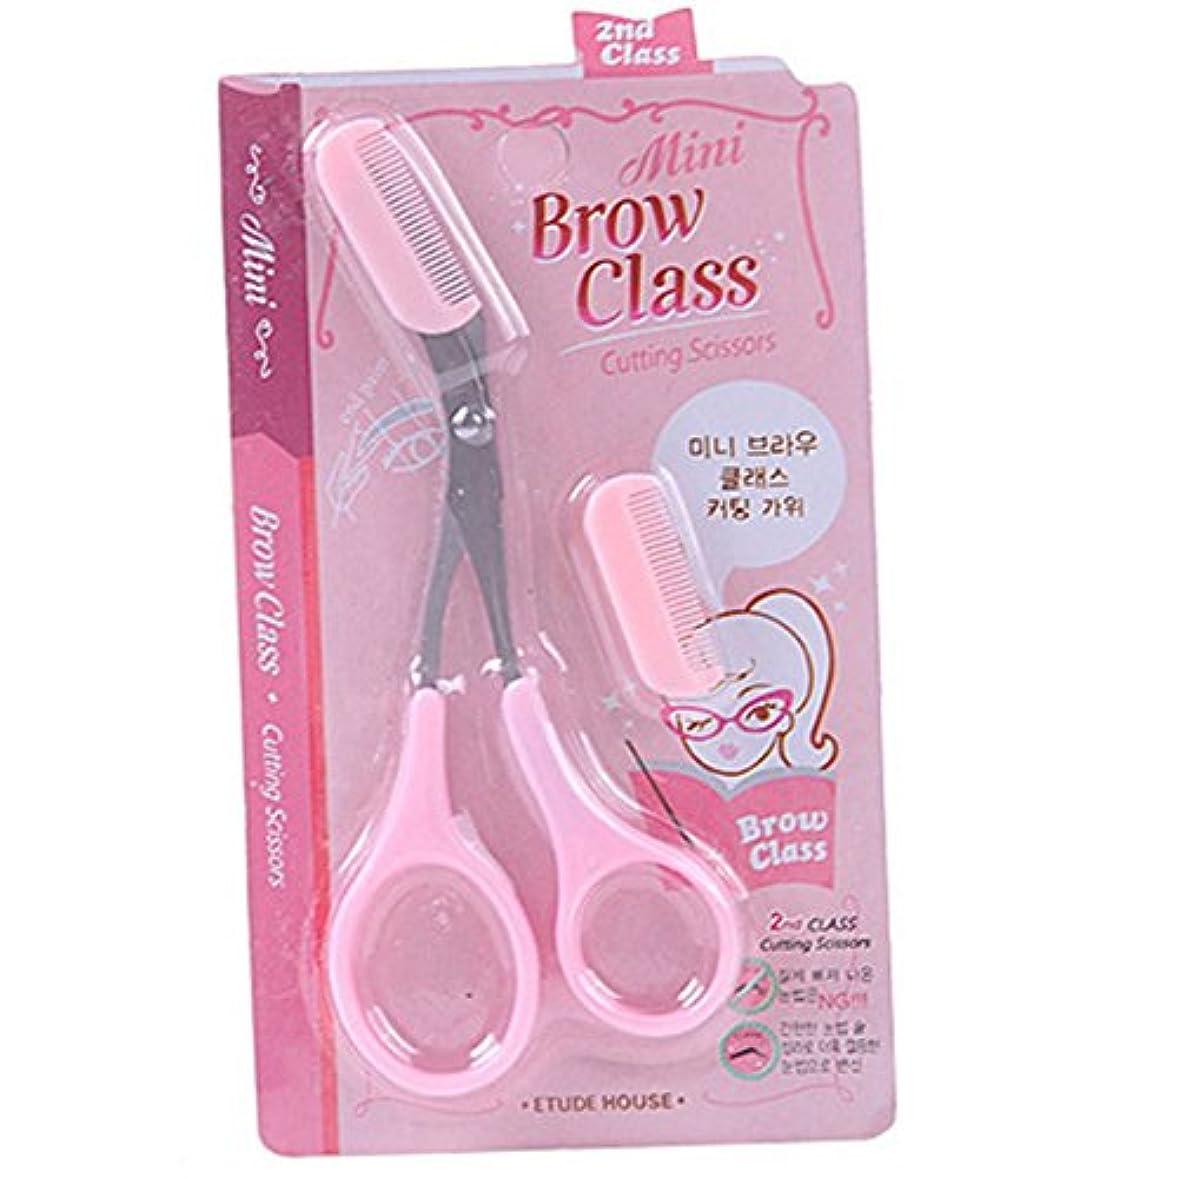 悪化させるすき運搬山の奥 眉毛のお手入れに クシ付きハサミ ピンク まゆげ専用はさみ トリマー 美容 美顔 レディース